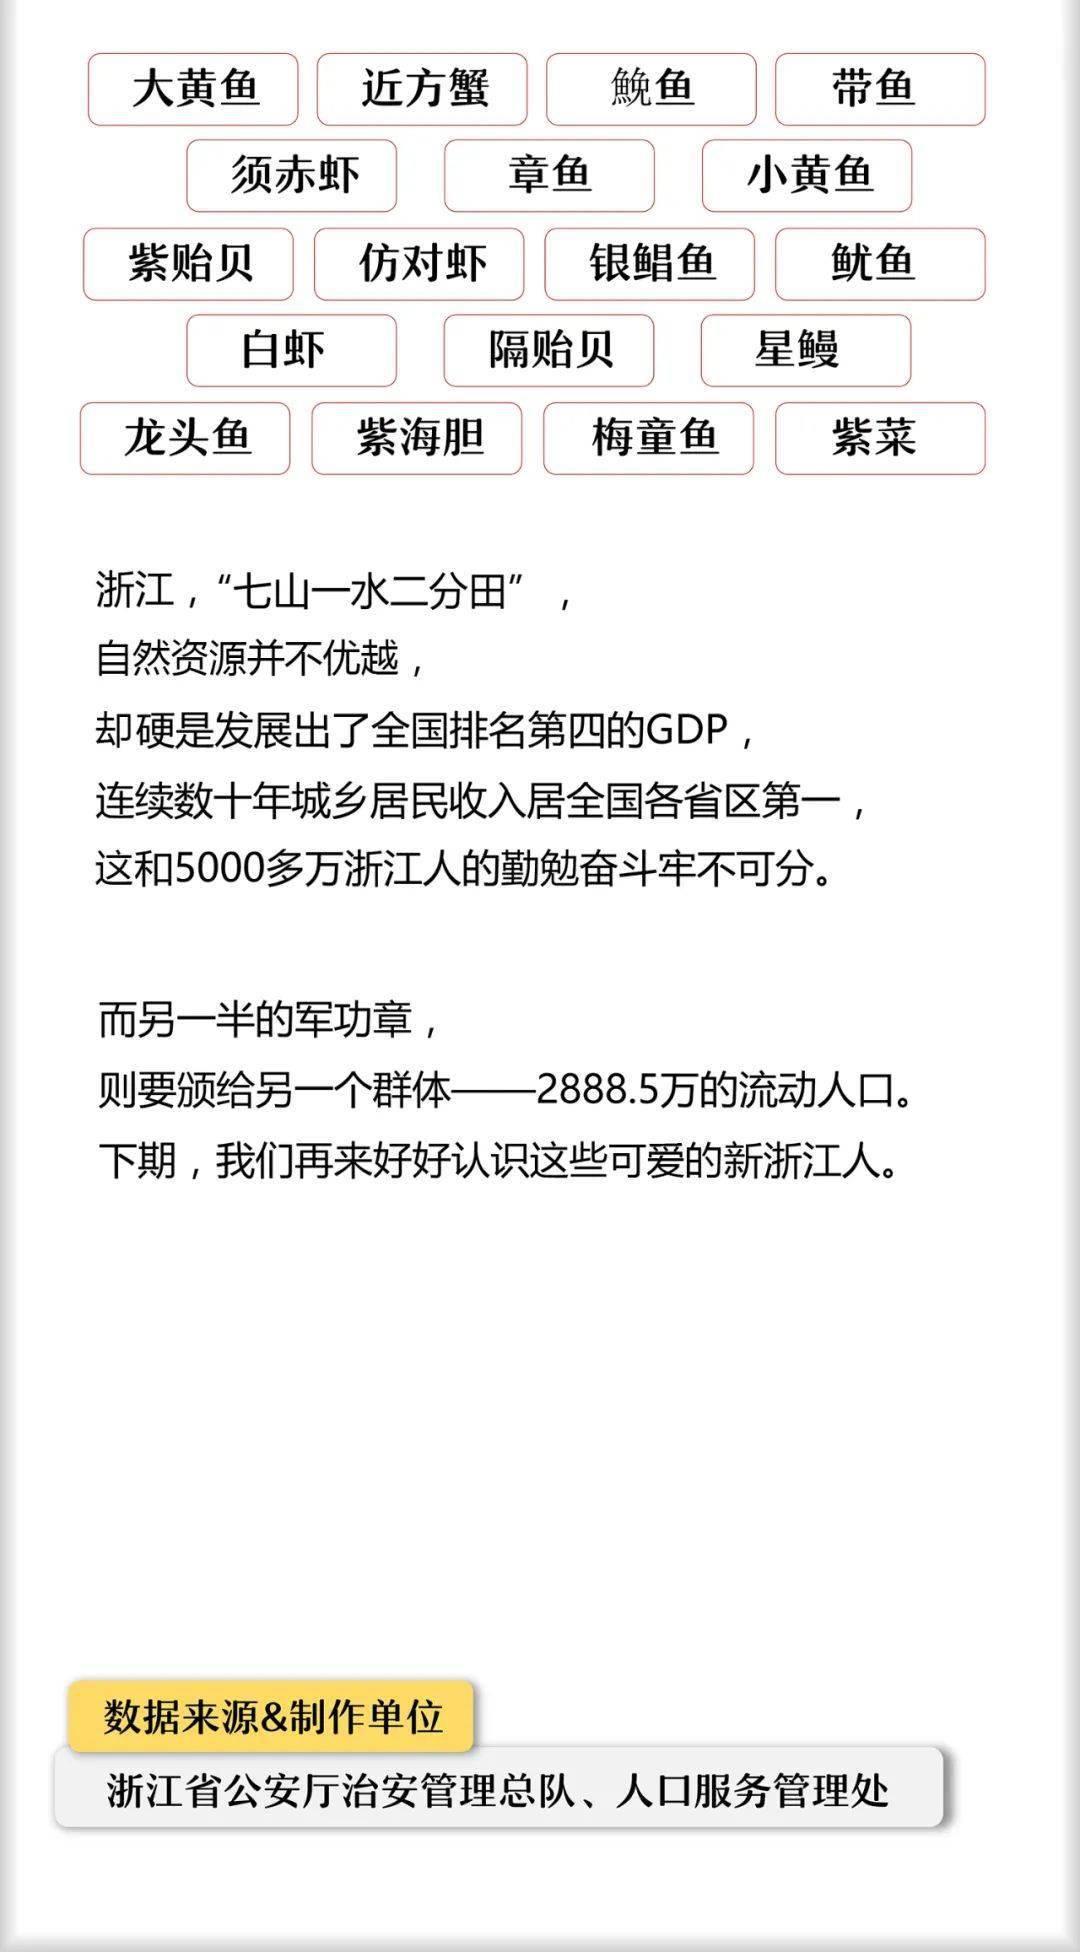 2020丽水人口_第七次人口普查丽水